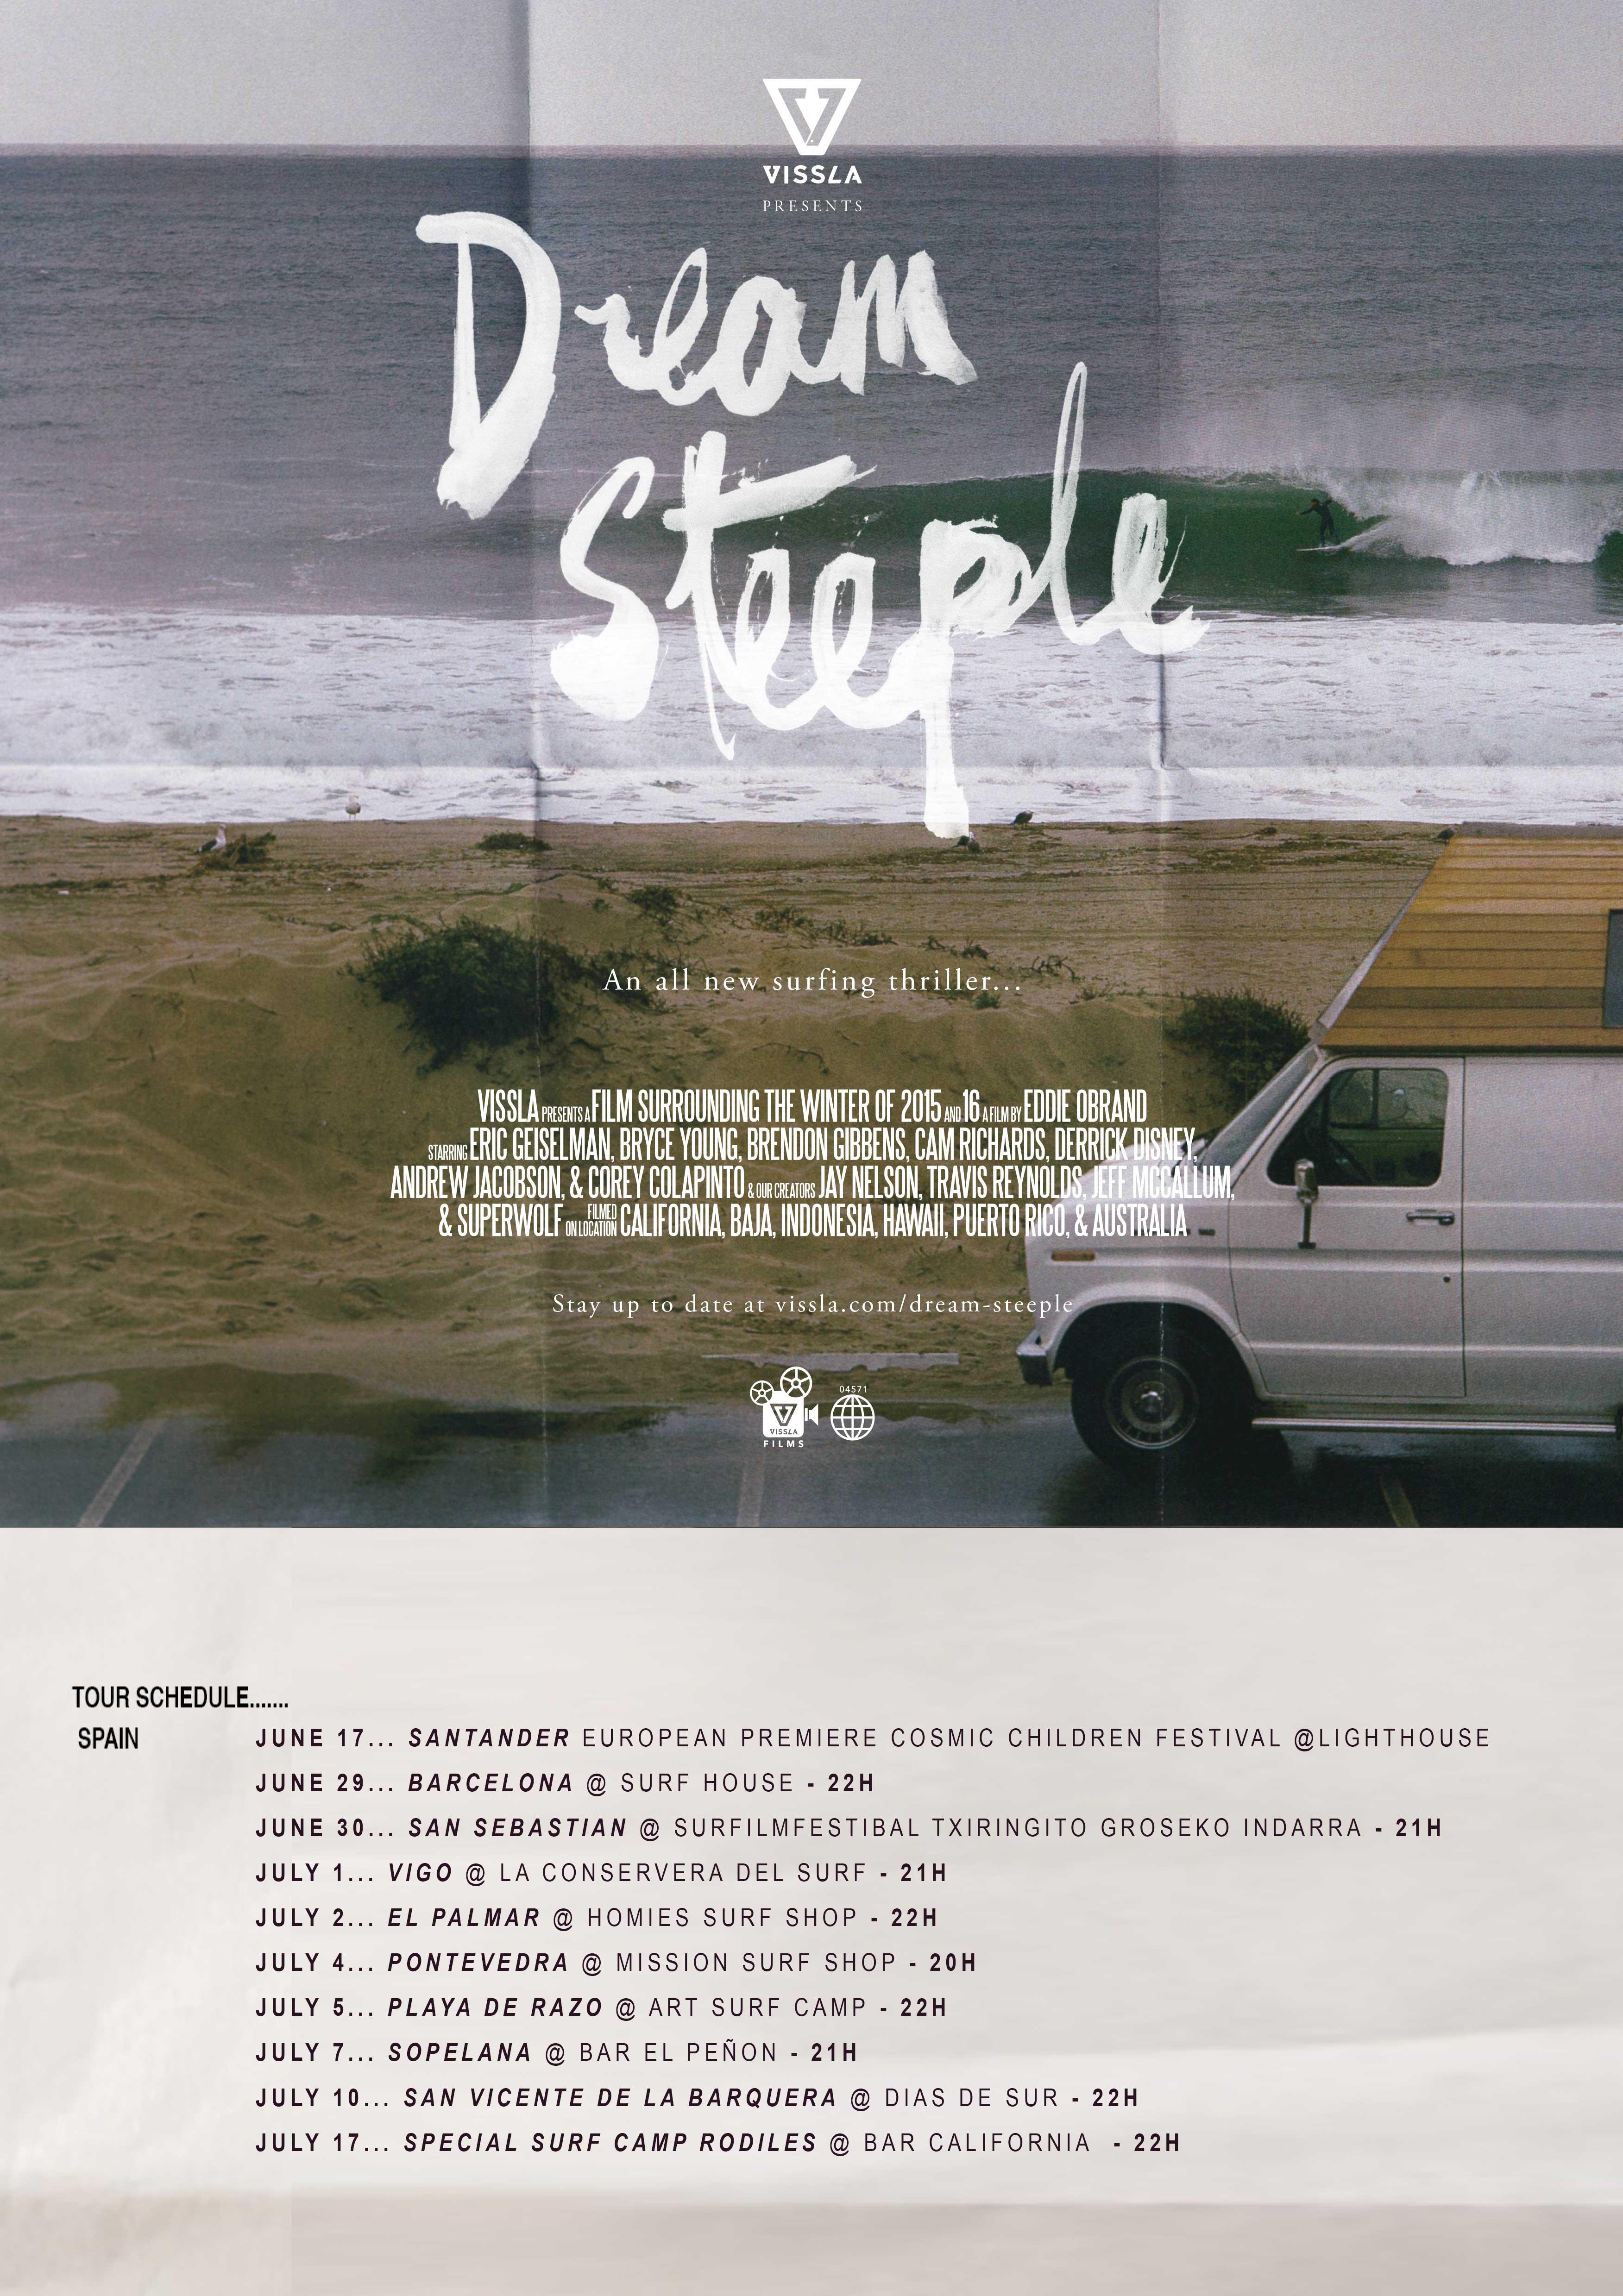 WEB_SPAIN-TOUR